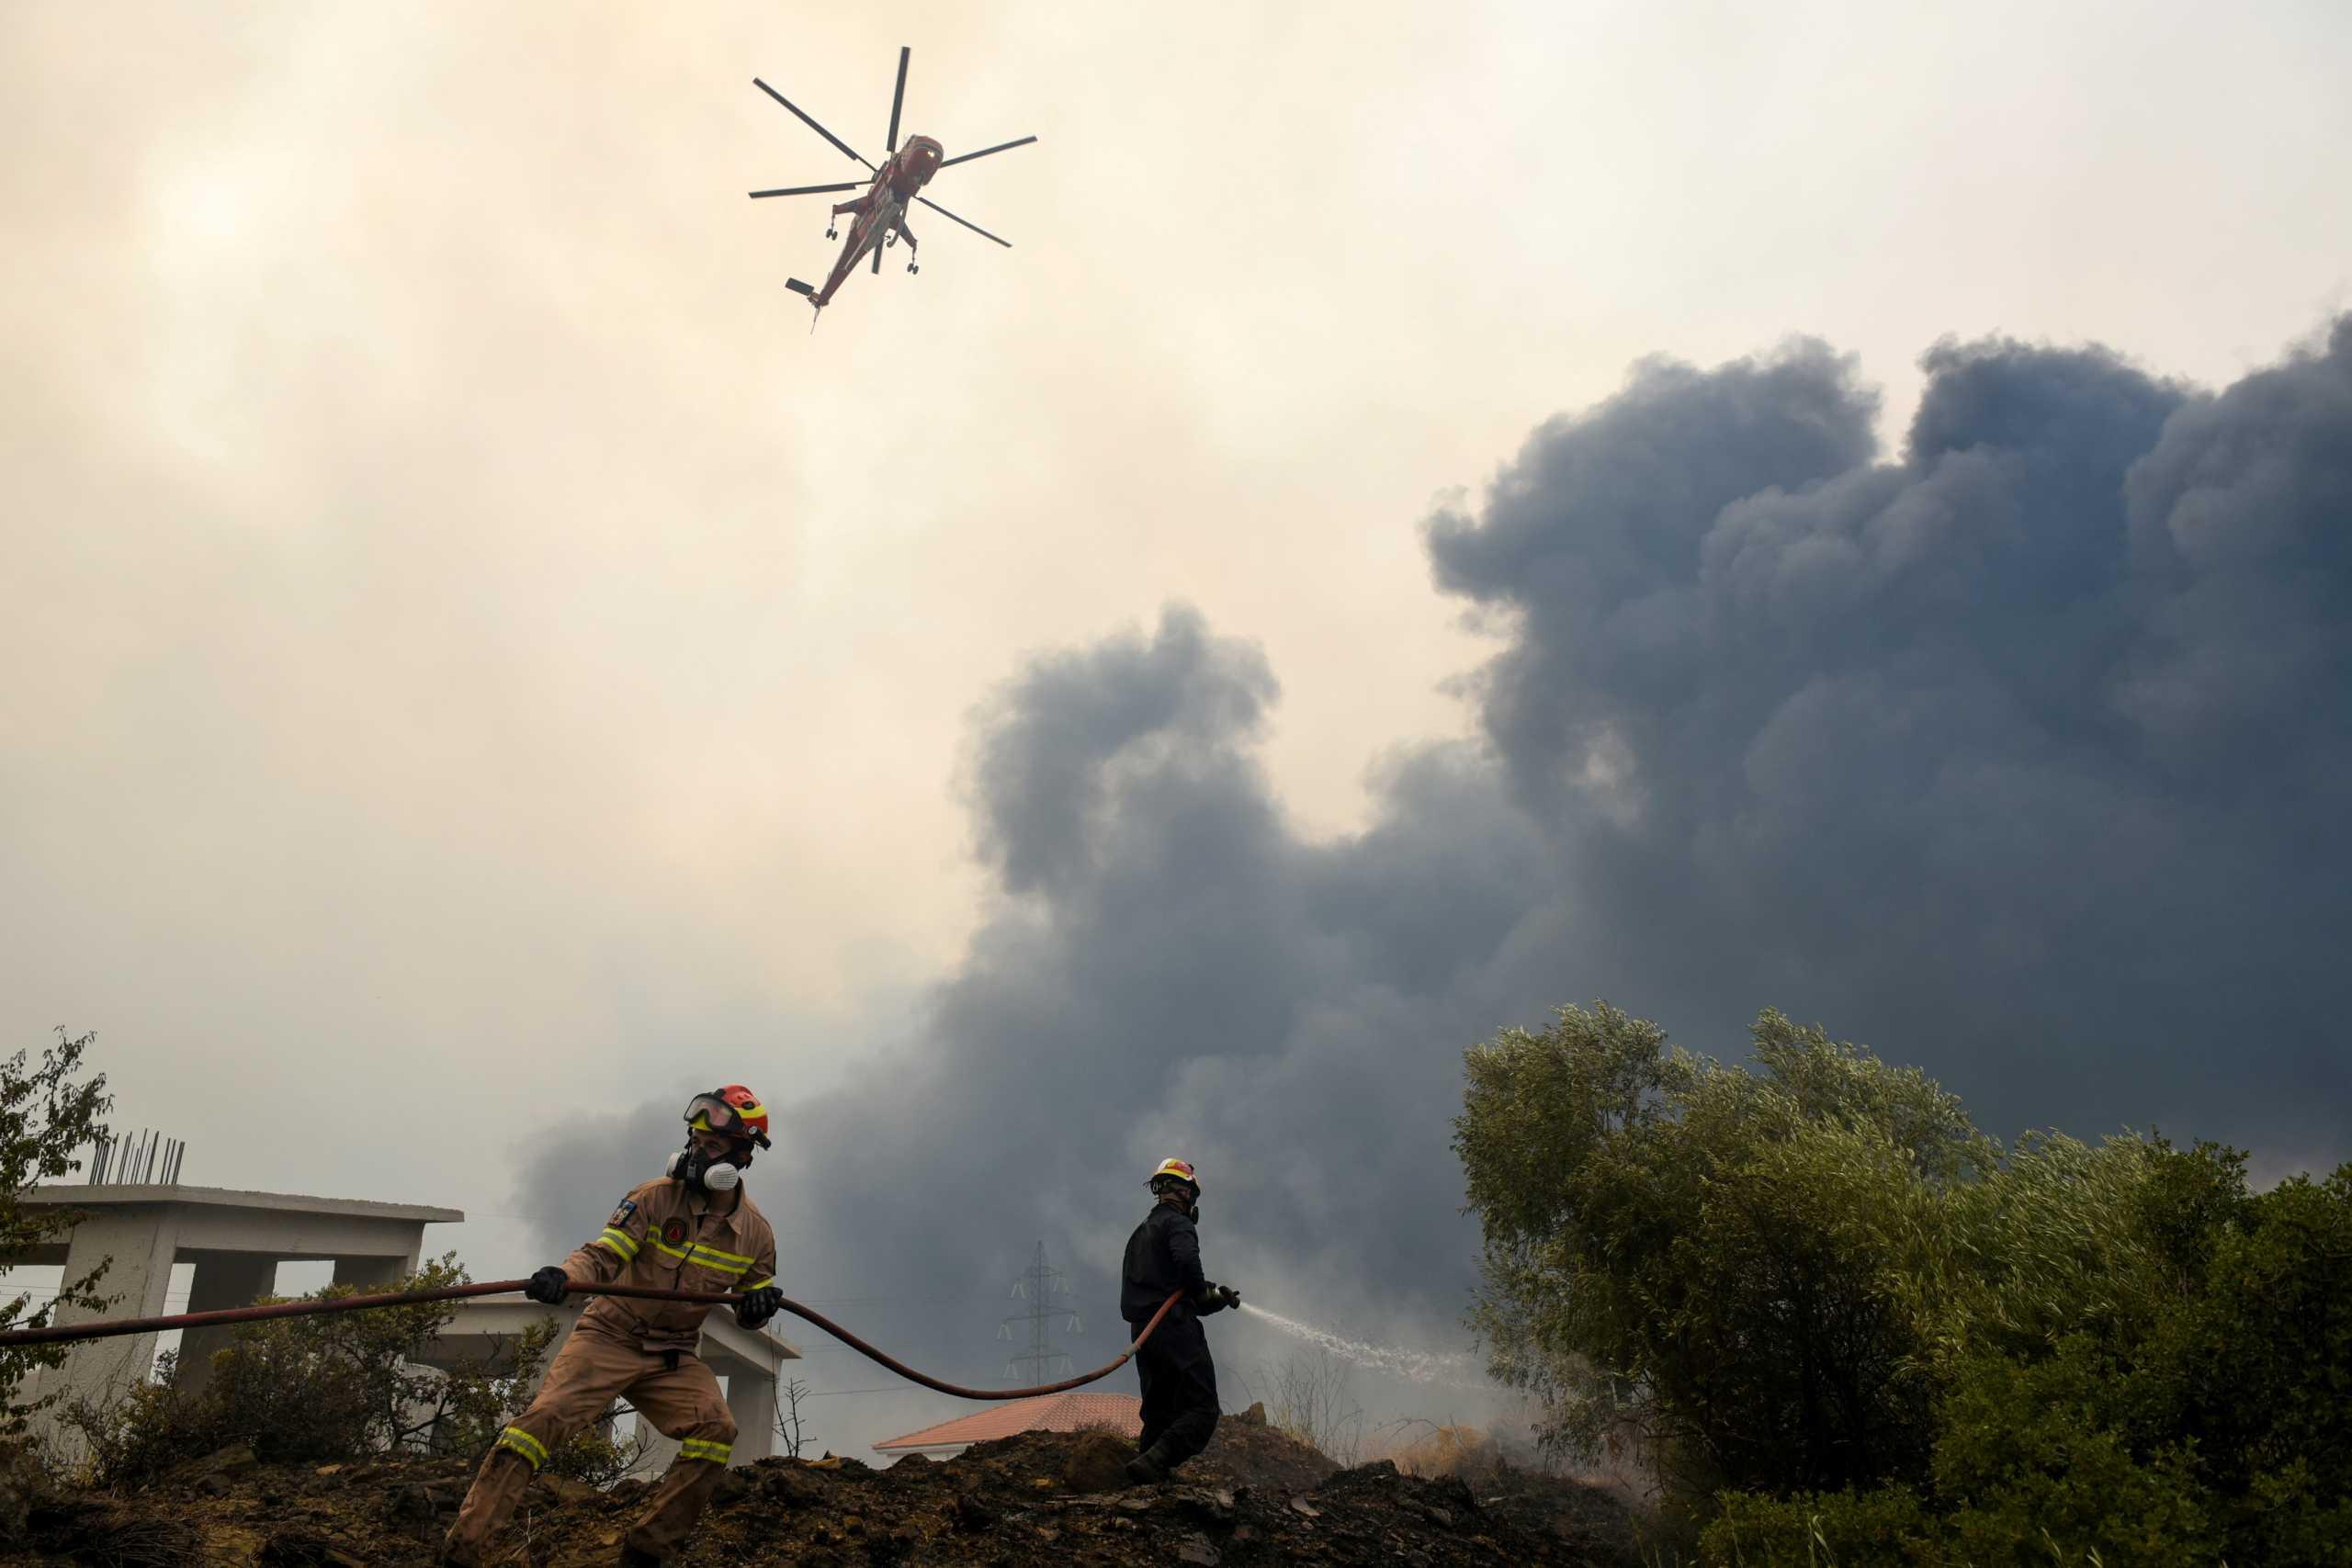 Σέρρες: Μαίνεται η φωτιά στην Αλιστράτη – Τι δυσκολεύει τους Πυροσβέστες που επιχειρούν